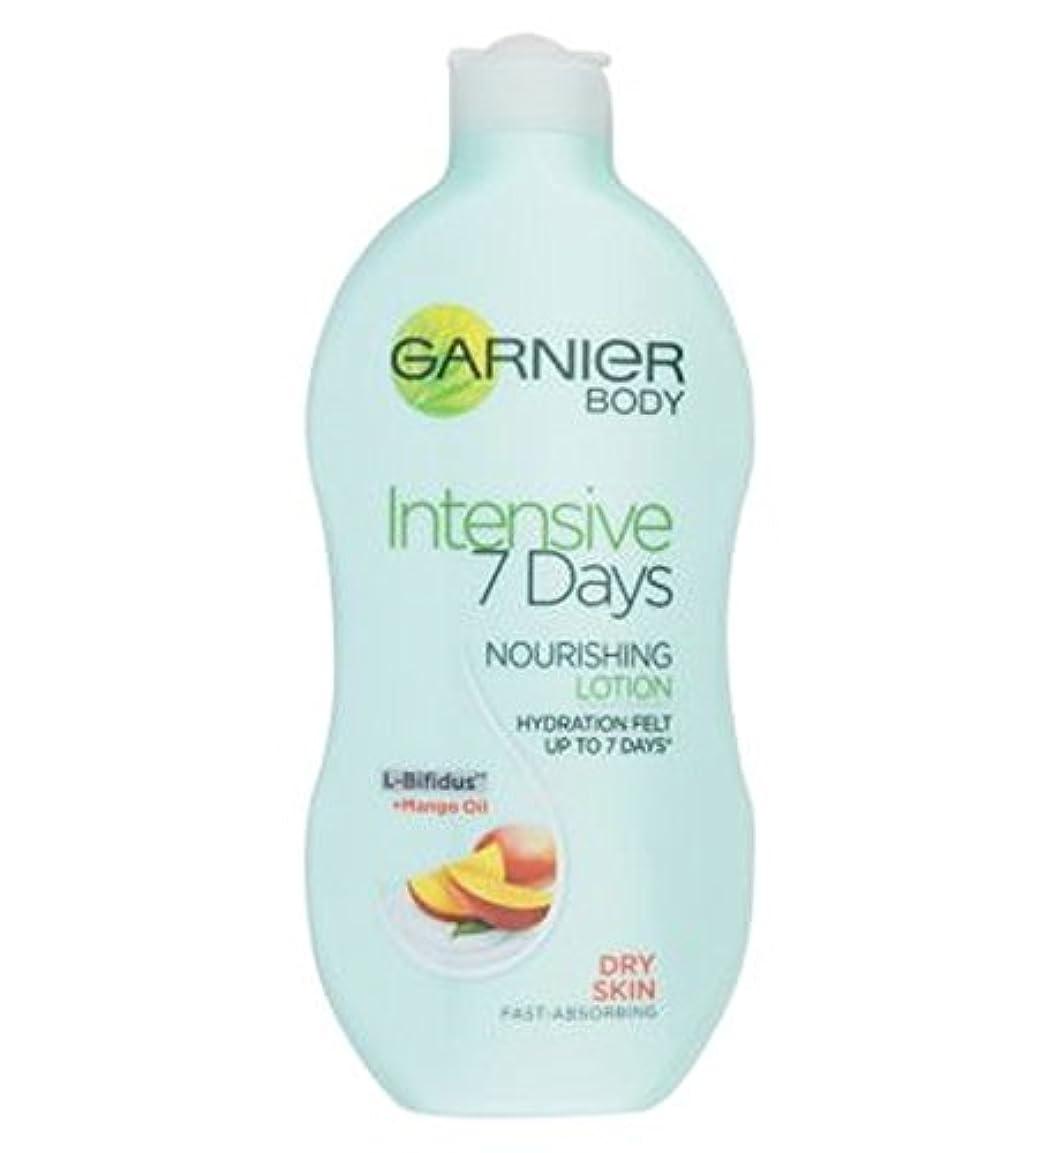 鯨促す問い合わせる乾燥肌の400ミリリットルのための栄養マンゴーオイルとガルニエの集中7日間毎日ボディローション (Garnier) (x2) - Garnier Intensive 7 Days Daily Body Lotion with...